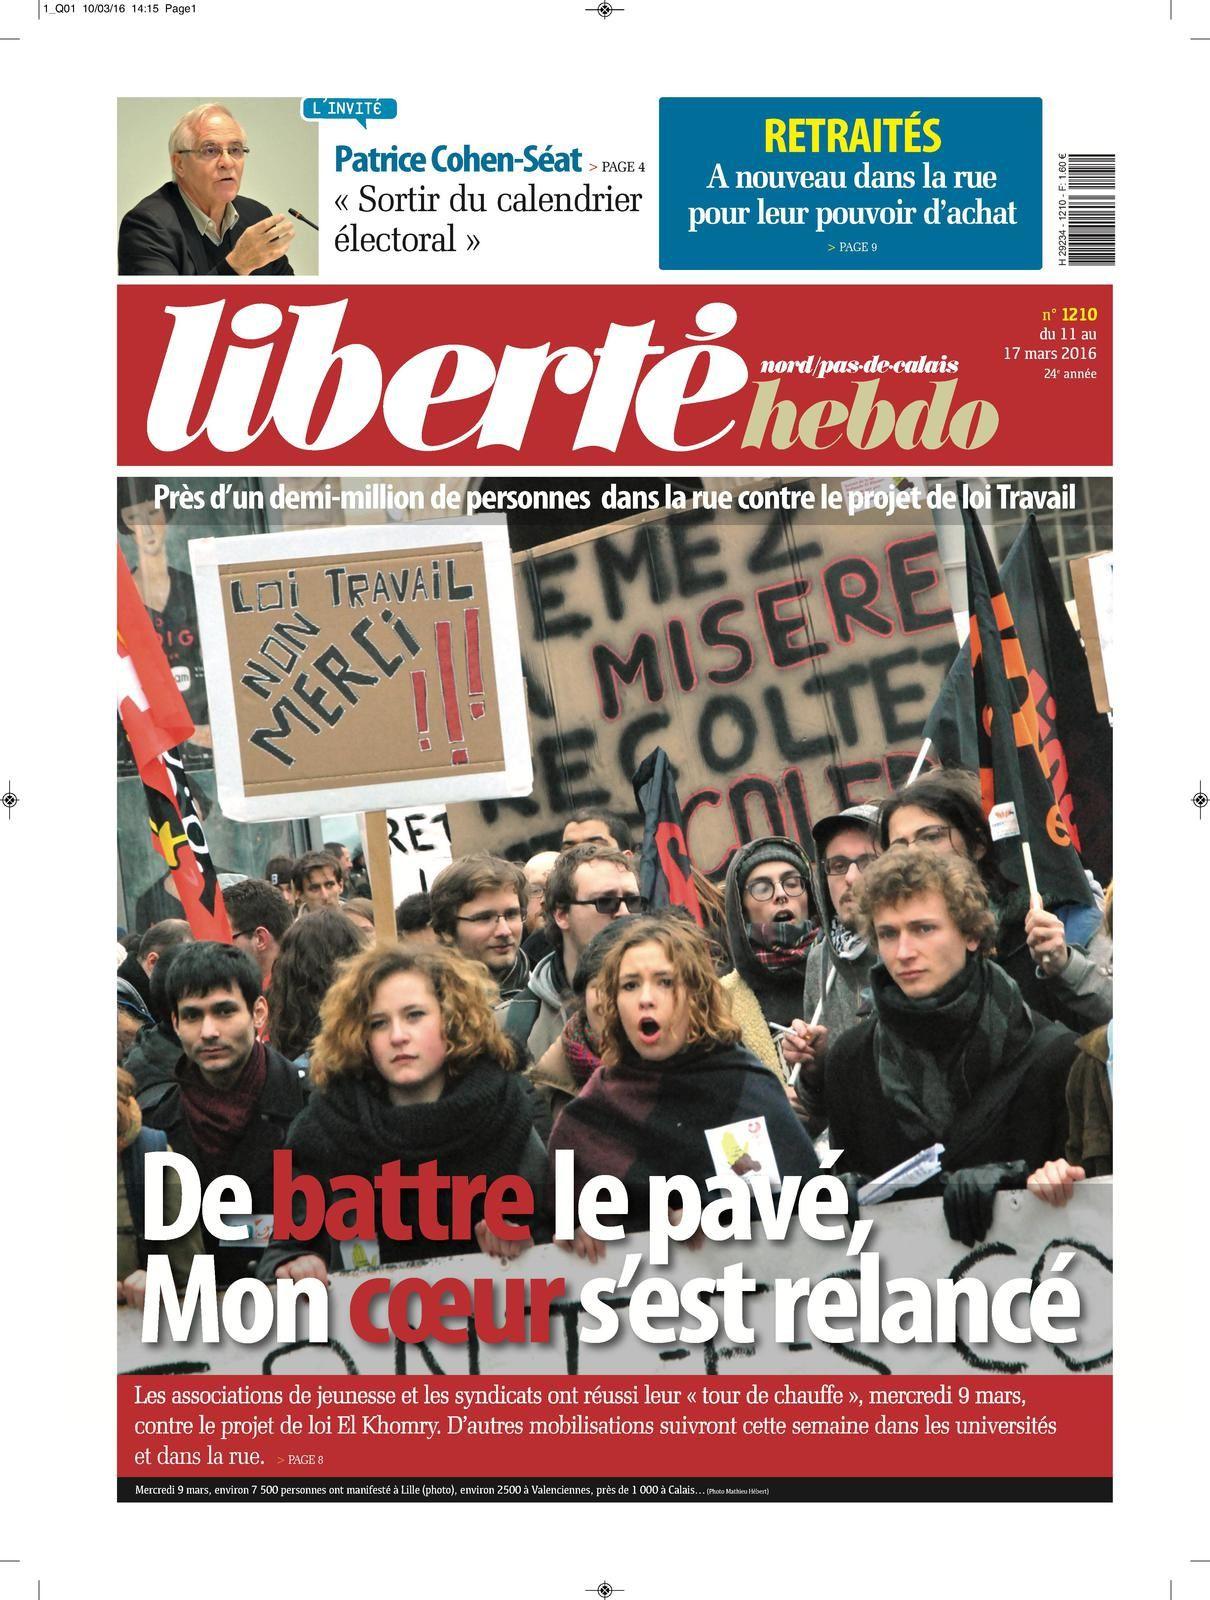 Liberté Hebdo 1210 : L'édito de Franck